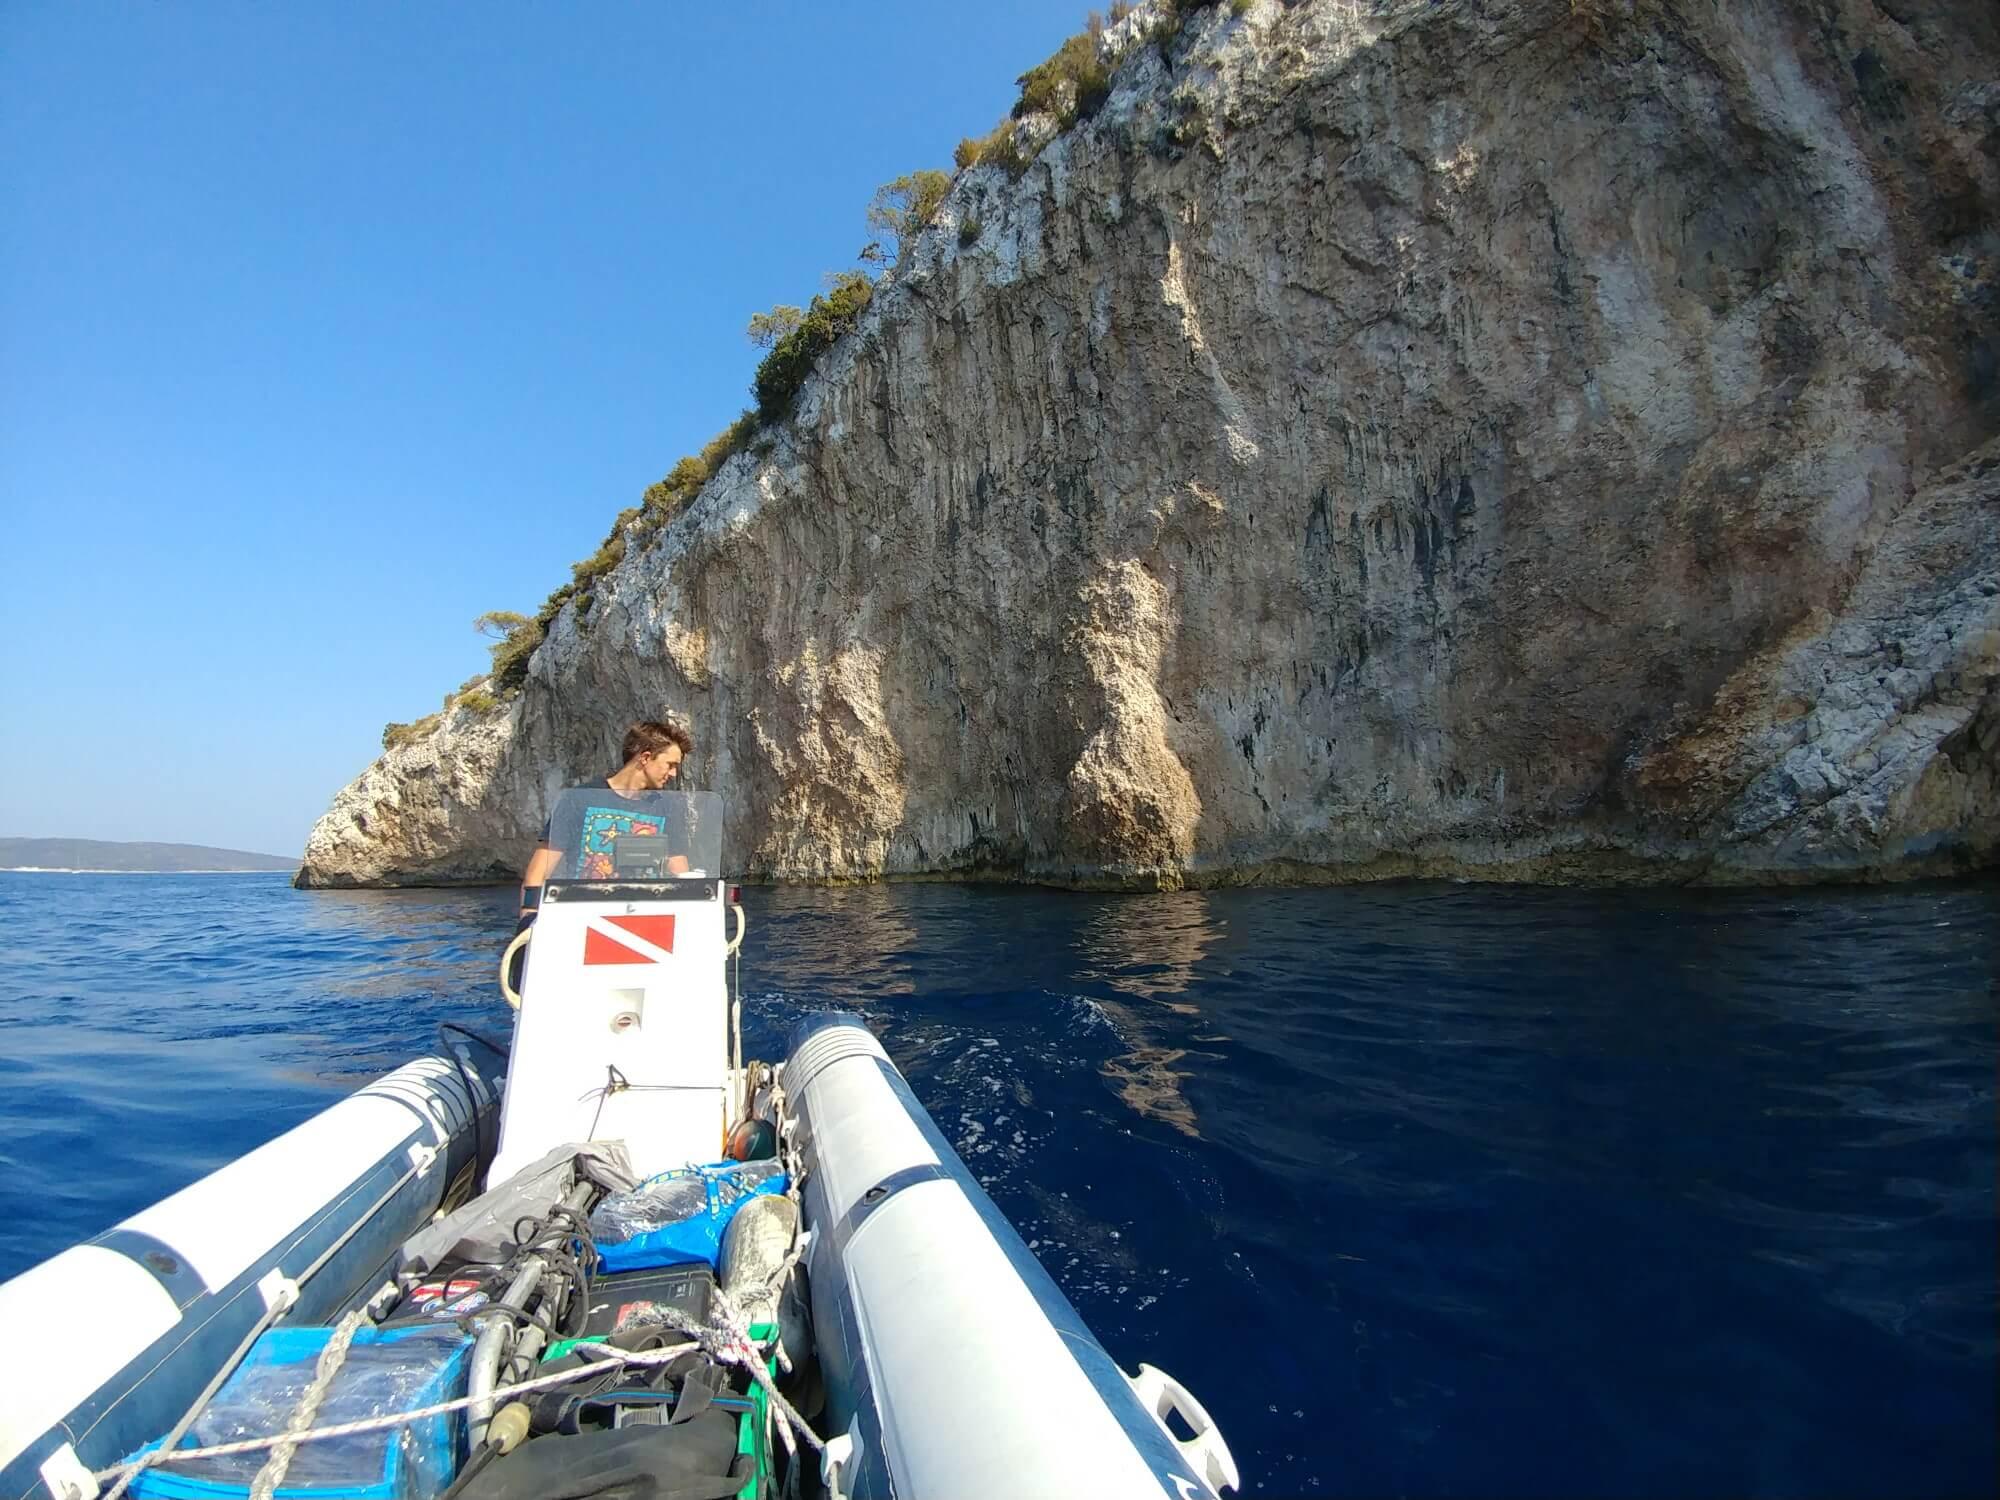 Nurkowy maj 2021 na wyspie Vis w Chorwacji -